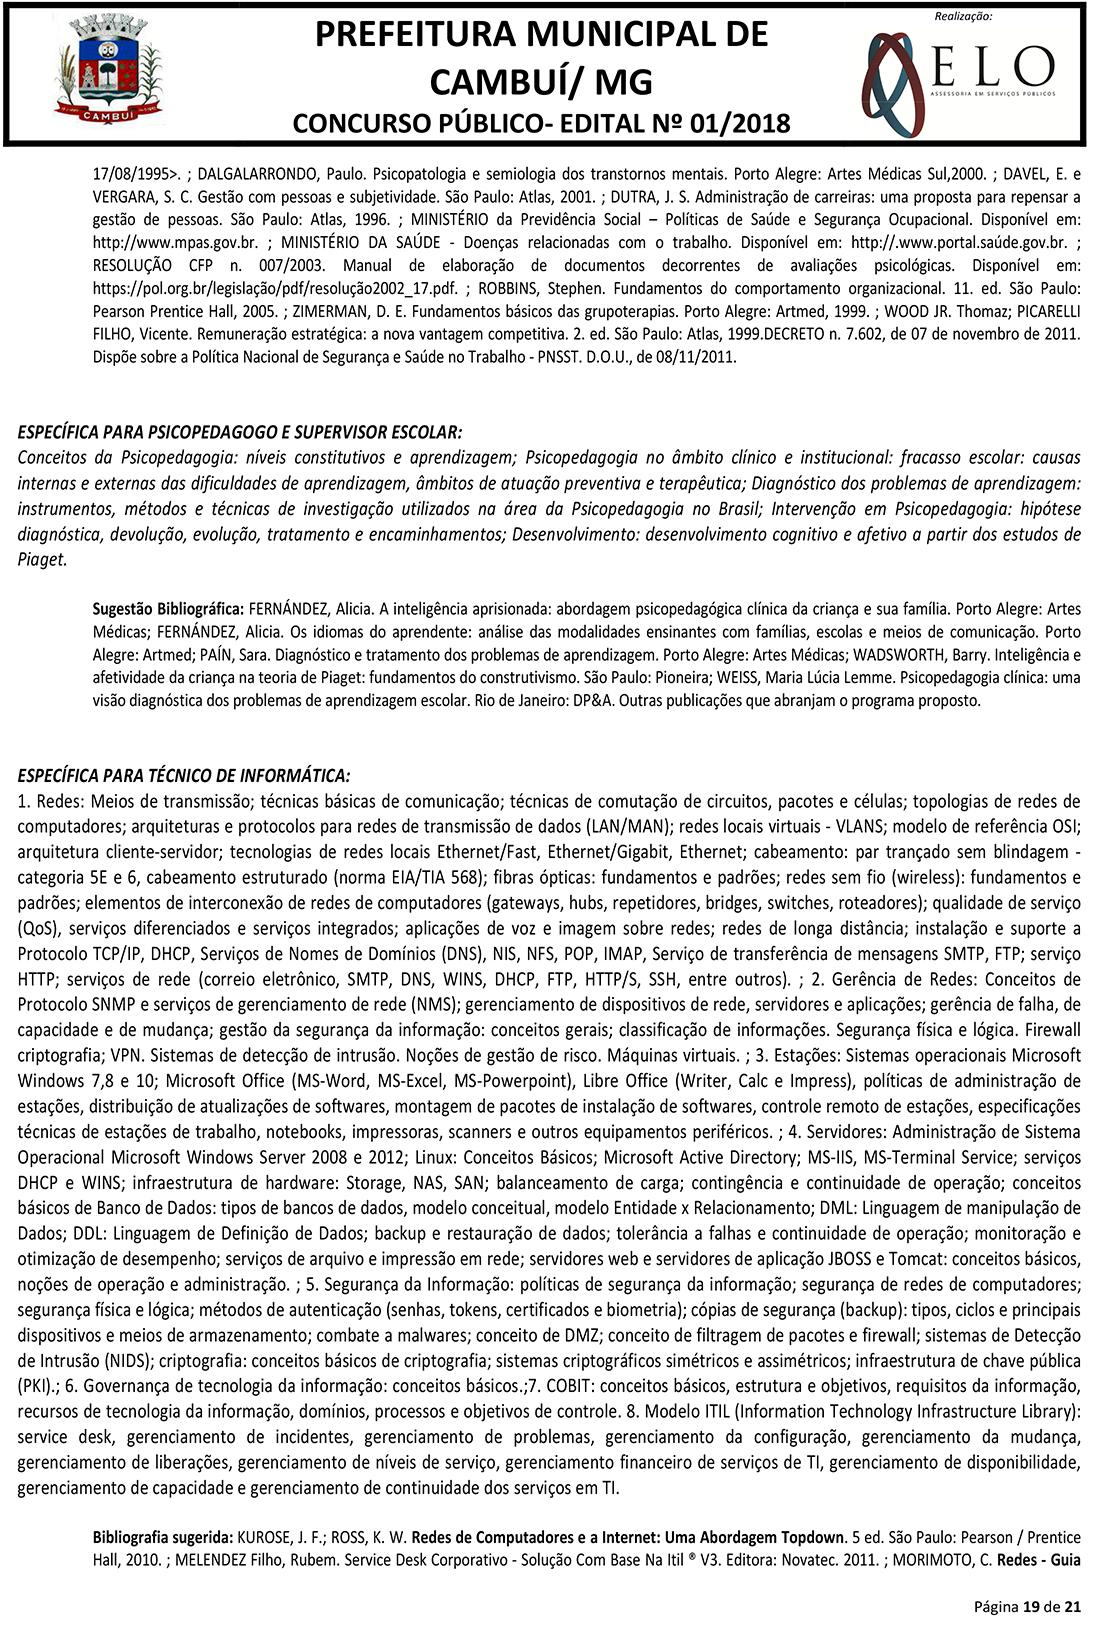 RETIFICAÇÃO_01_Edital de Concurso_PM_Cambuí